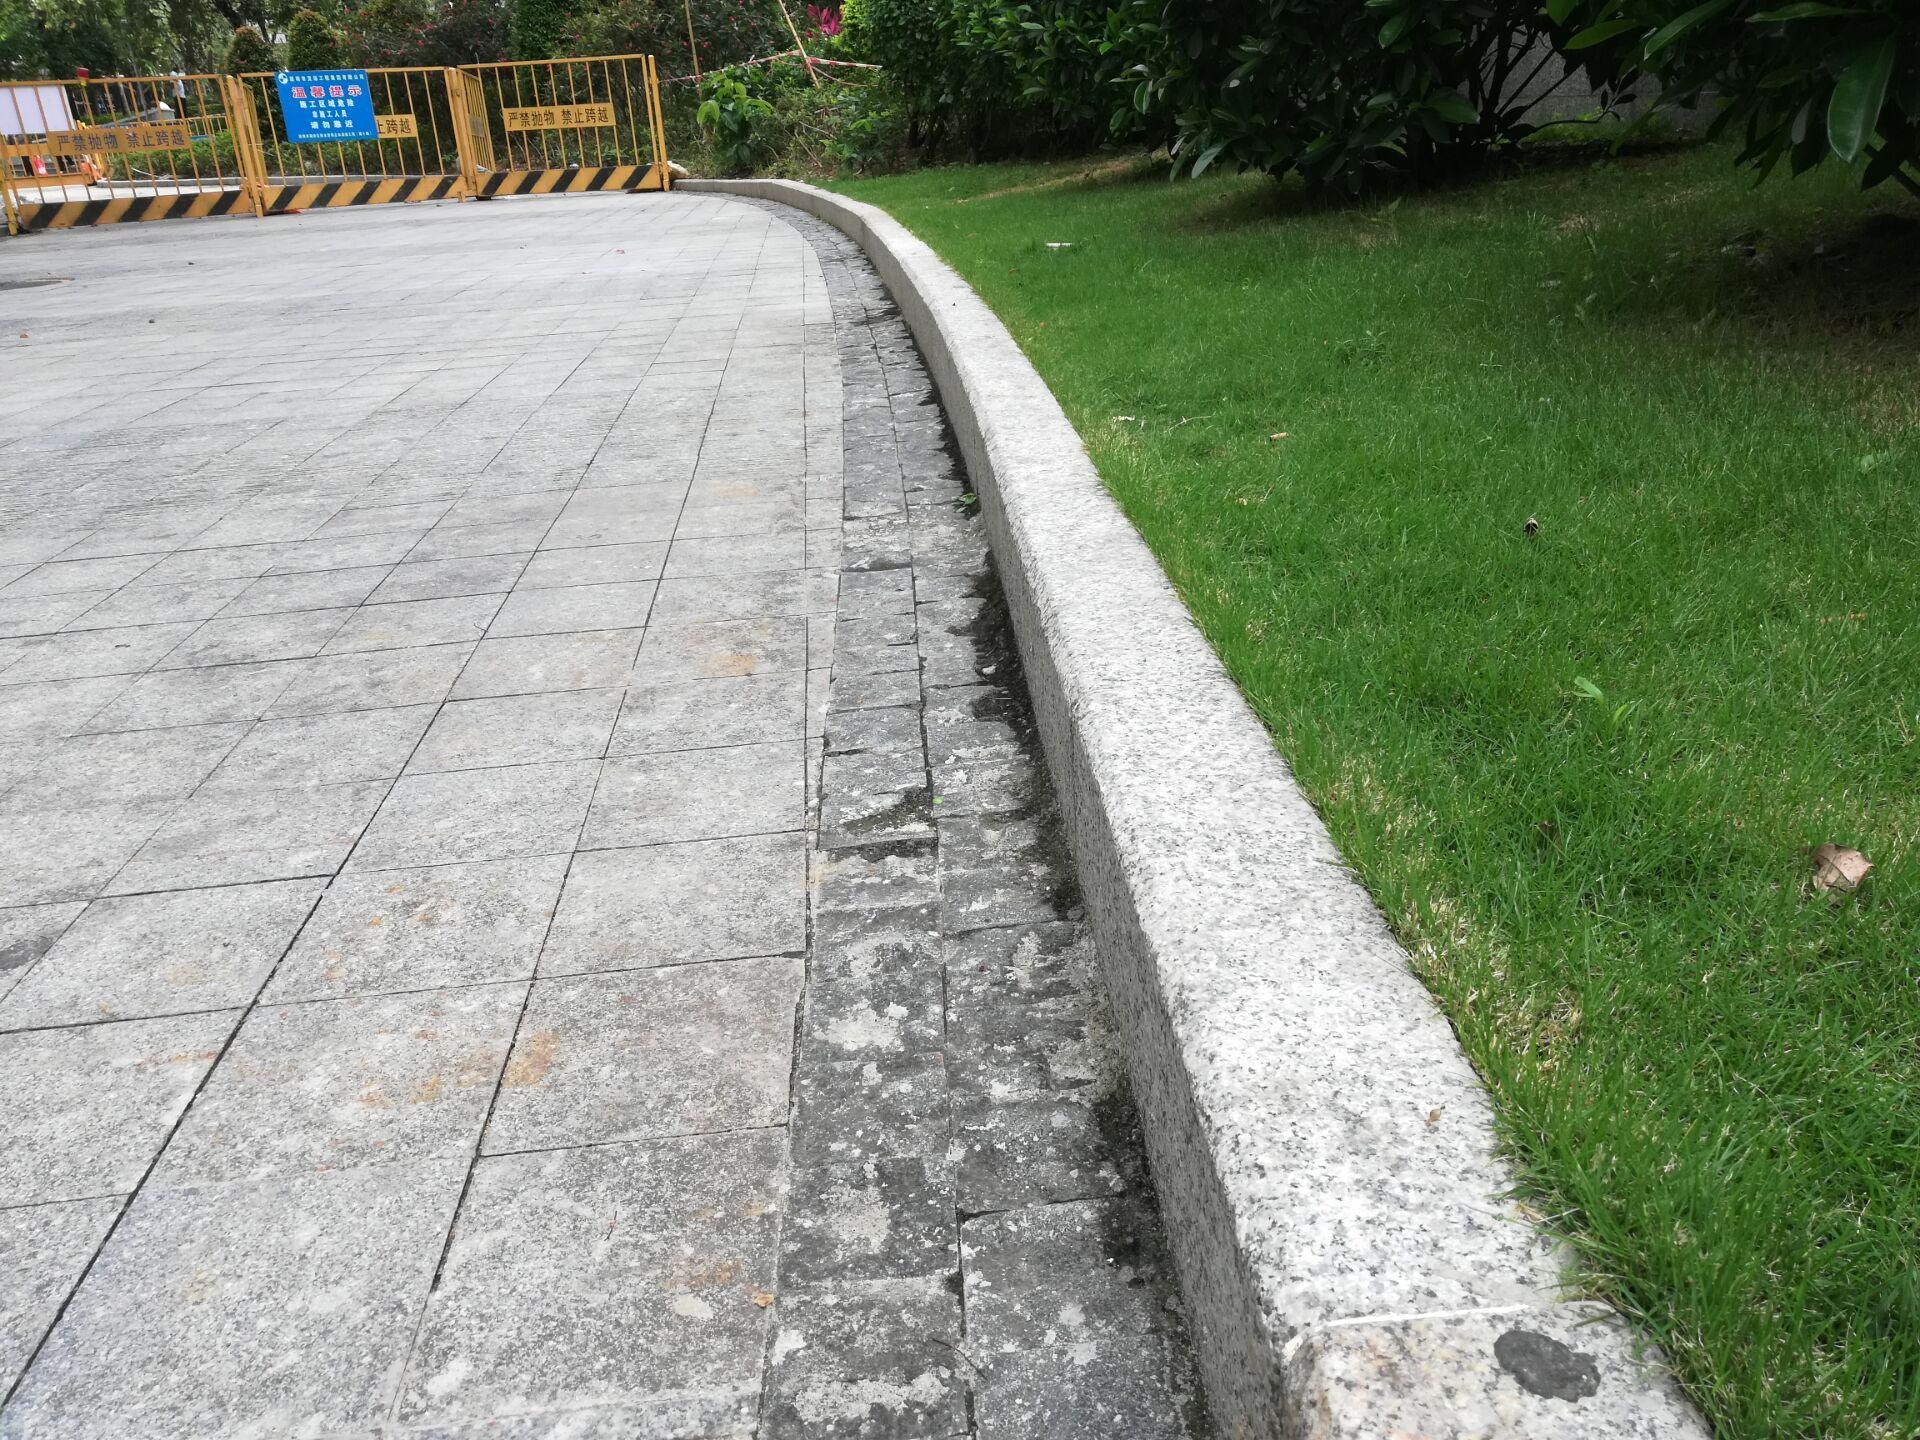 港深广石材是专业生产厂家欢迎咨询  路沿石价格路侧石尺寸色差安装质量标准是什么  发表评论  3,564 views A+ 所属分类:路沿石 路沿石是指用各种青石、花岗岩、大理石制作的条块状物体用在路面边缘的界石,路沿石也称道牙石或路边石、路侧石、路牙石。石材路沿石质量标准是无明显色差,天然石材一般存在色差,只要不太明显就可以,石材选用硬度高,无破损的青石、花岗岩或者大理石均可,路沿石的尺寸一般是大多为1米长,宽度为10厘米、或者15厘米,高度有厘米和30厘米两种准常用,在规定的尺寸以内尺寸误差不能查过0.5厘米,越小质量就越好,这样的路沿石安装出来更好看,路沿石安装的标准是直顺度:10mm, 相邻块高差:3mm, 缝宽:±3mm, 侧石顶面高程;±10mm,这是最基本的质量标准。    石材等相关问题 我们有专业的石材工程师对 规格,设计,安装,技术,价格、用途等等方面的问题给予全面的解答,只要您拨打/微信∶13632765059, 公司专业团队为您提供一缆子完善解决方案。